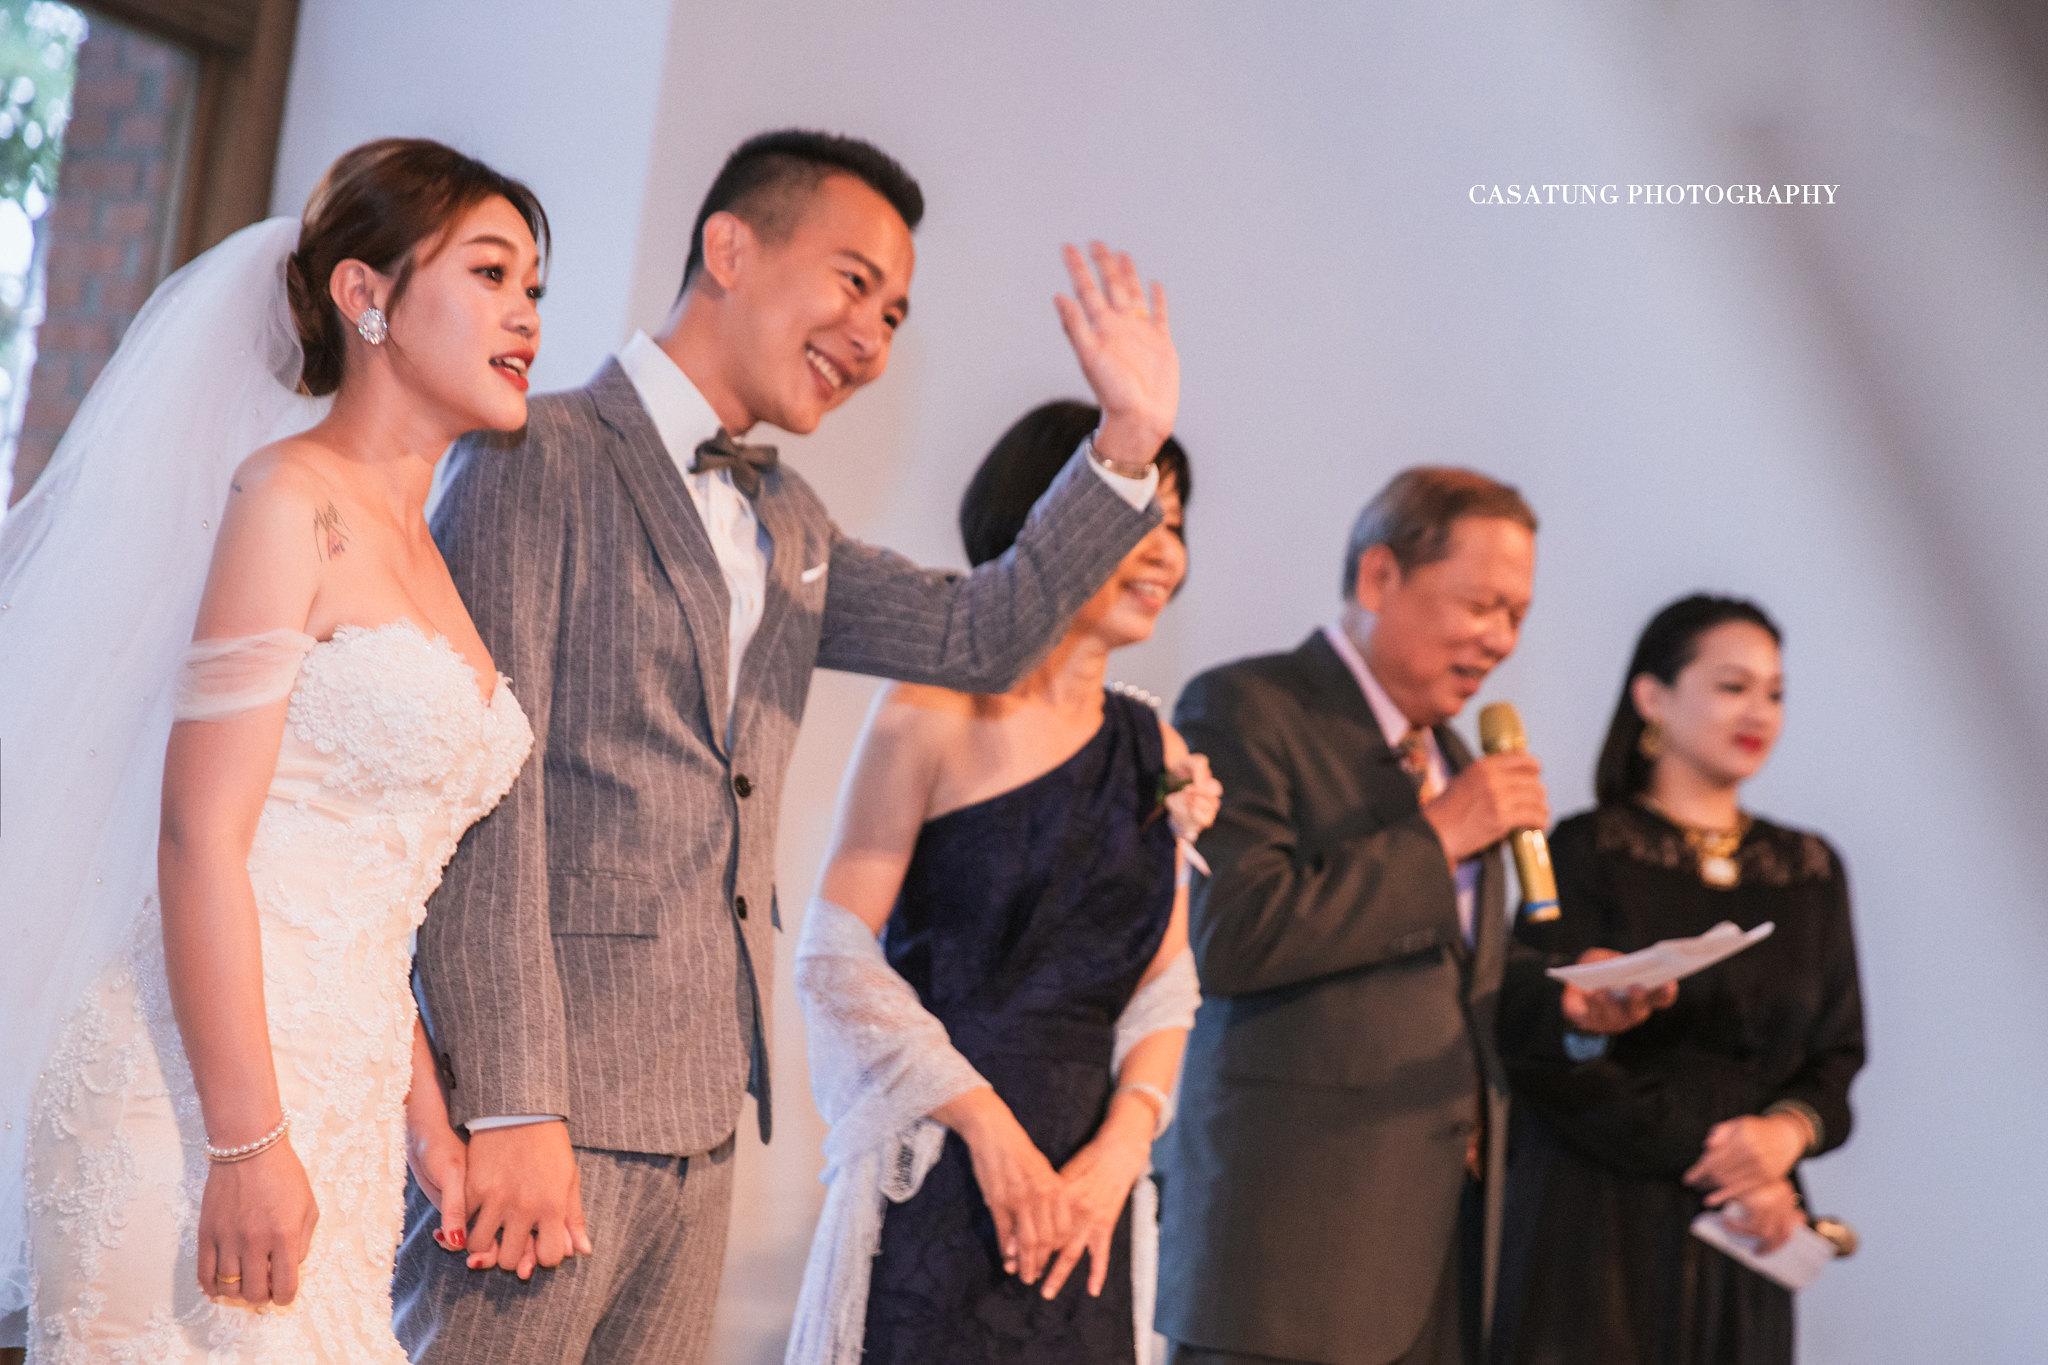 顏氏牧場婚禮,台中婚攝casa,旋轉木馬-102